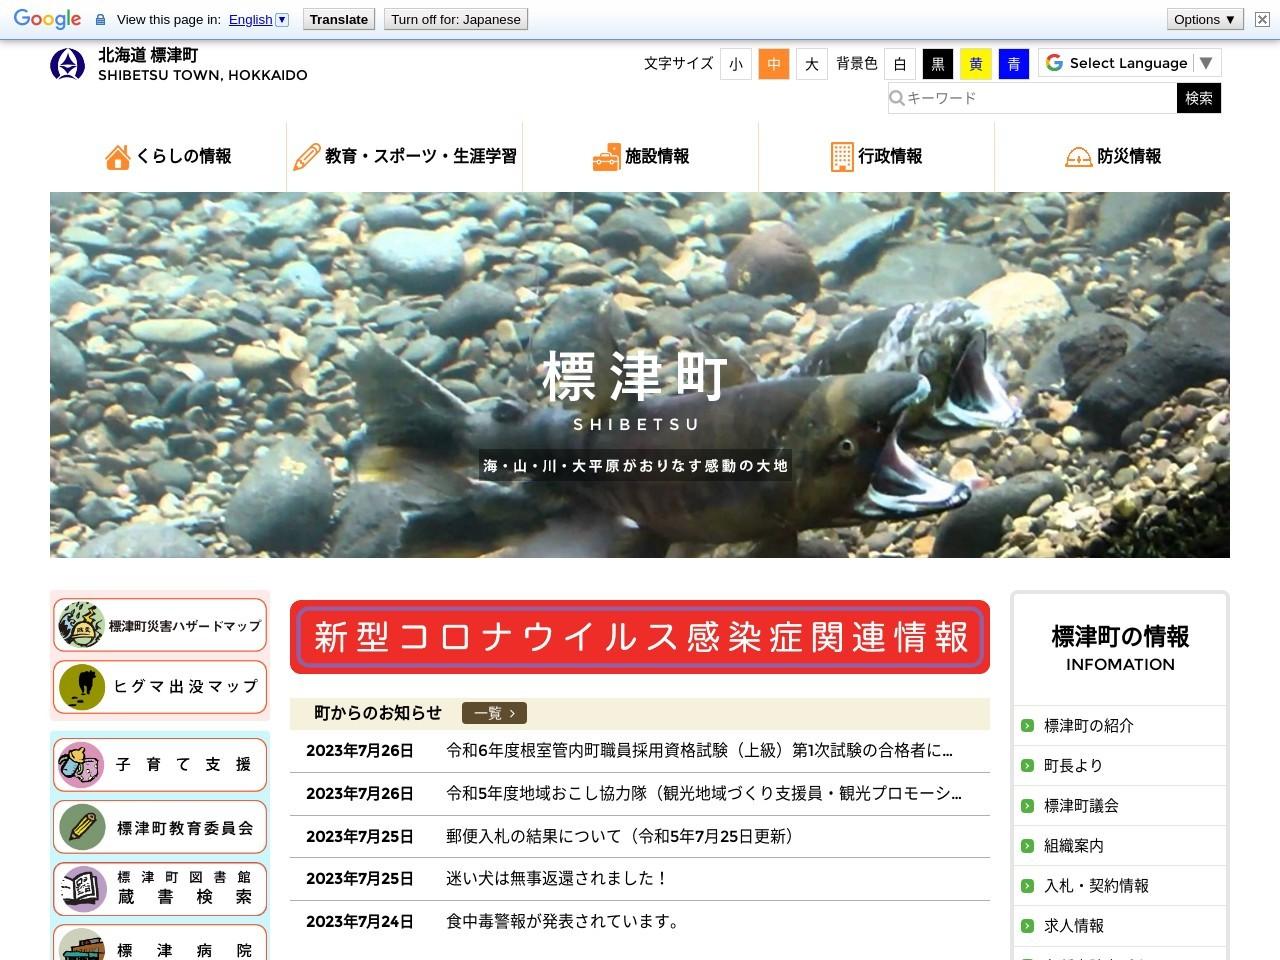 http://www.shibetsutown.jp/